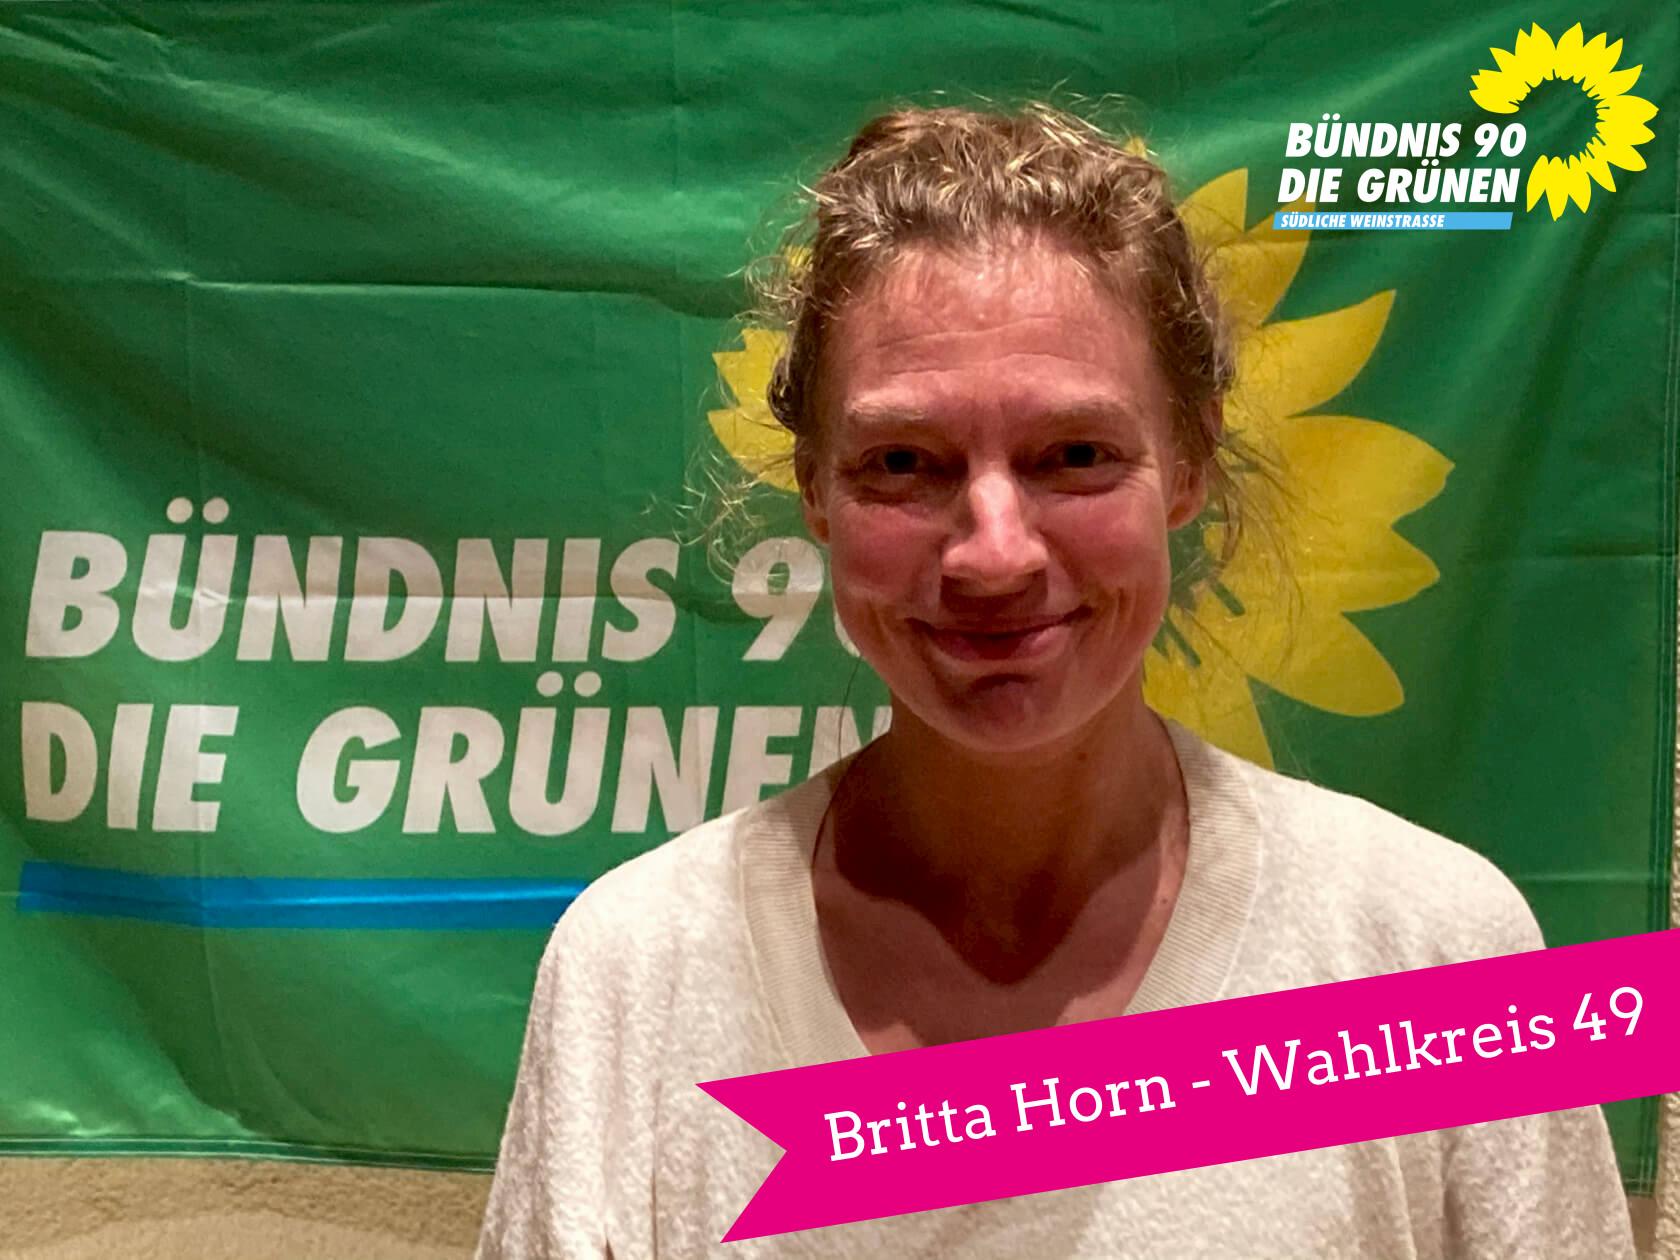 Britta Horn, Kandidatin von Bündnis 90/Die Grünen für den 18. Landtag